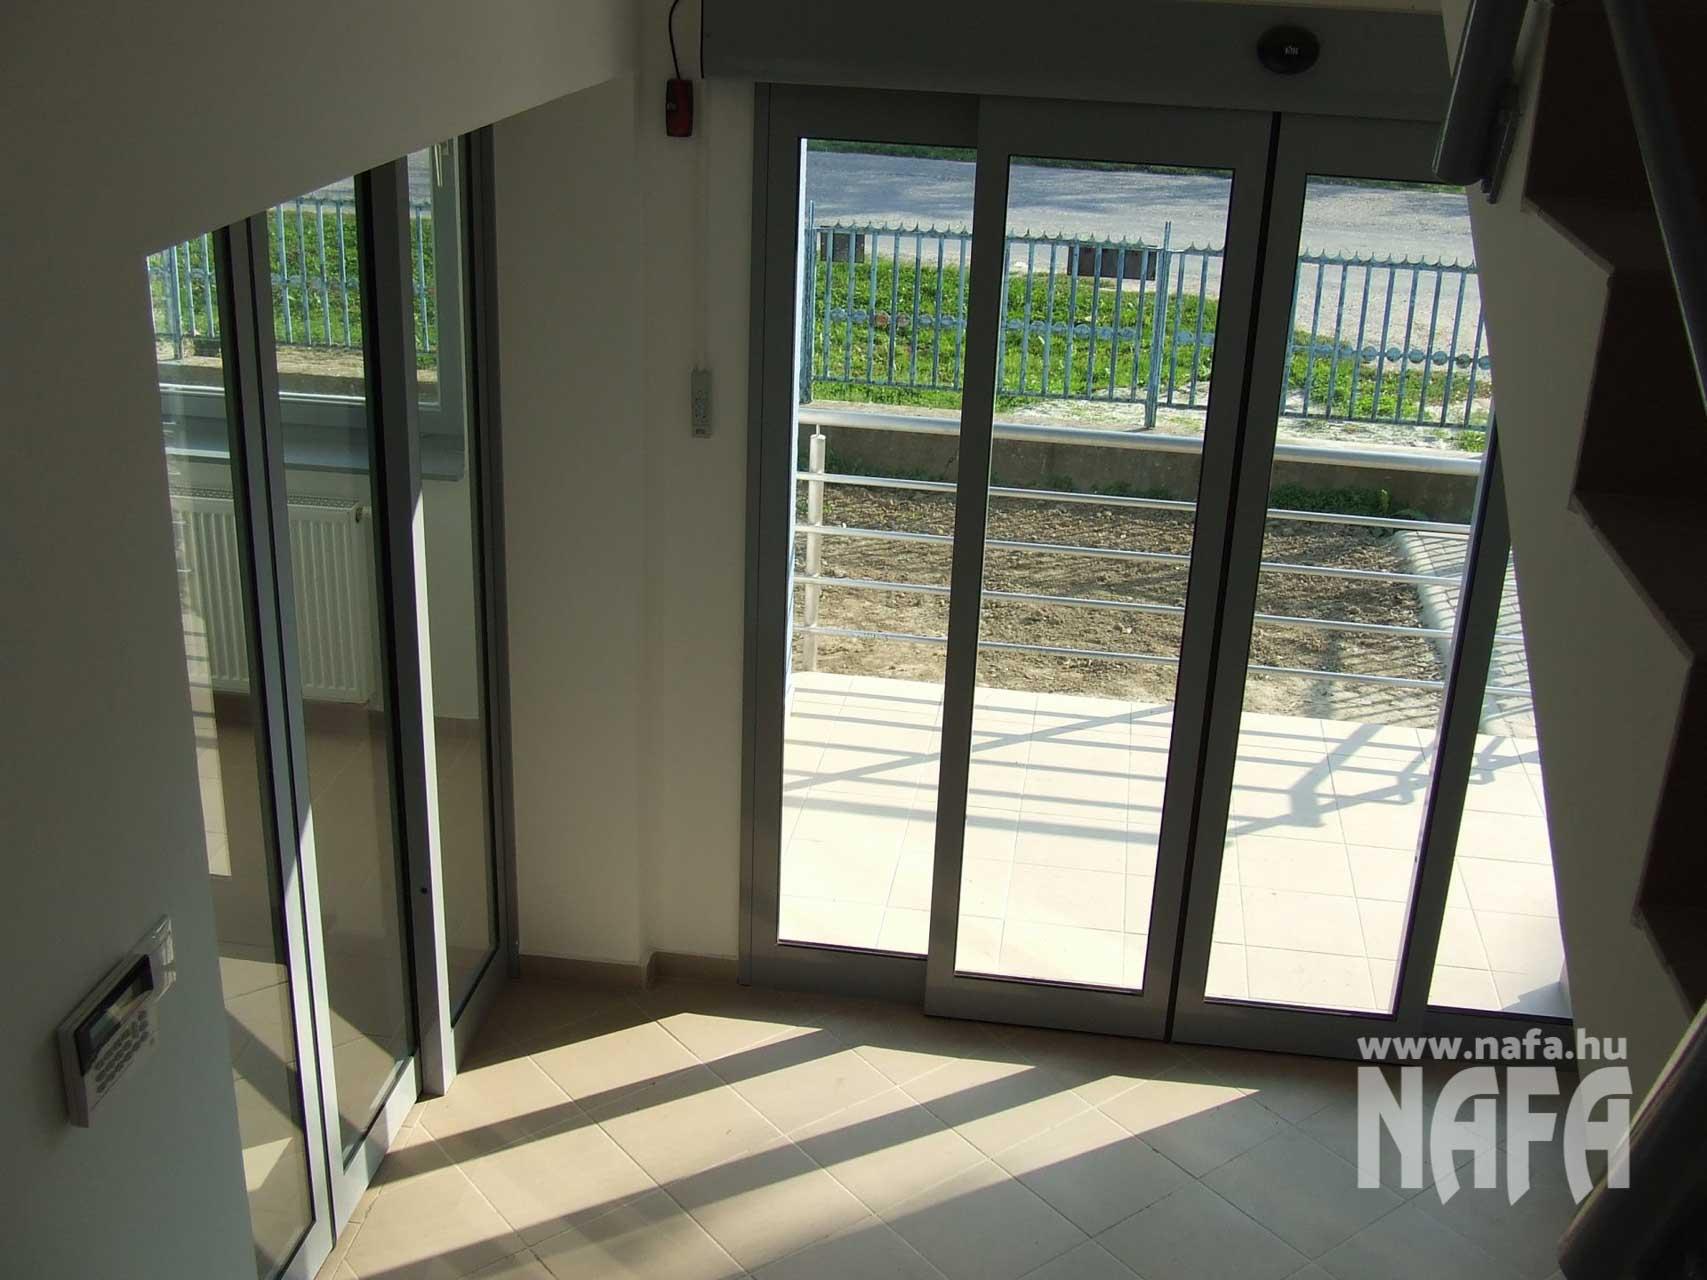 Műanyag nyílászárók, egyedi ablakok és ajtók, Pécs Irodaház